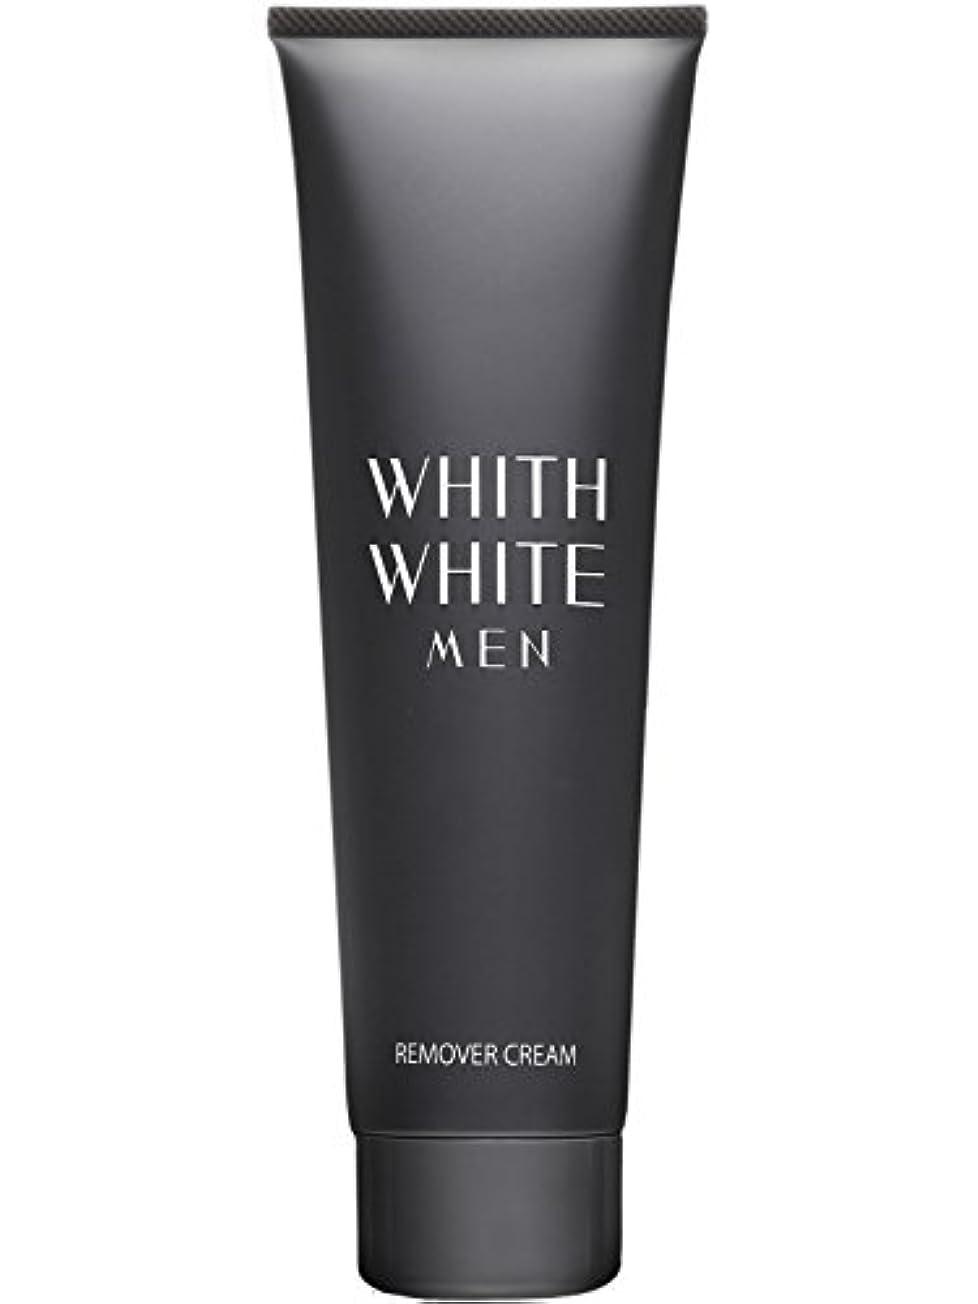 悪魔大学評価医薬部外品 フィス ホワイト メンズ 除毛クリーム リムーバークリーム 陰部 使用可能 210g